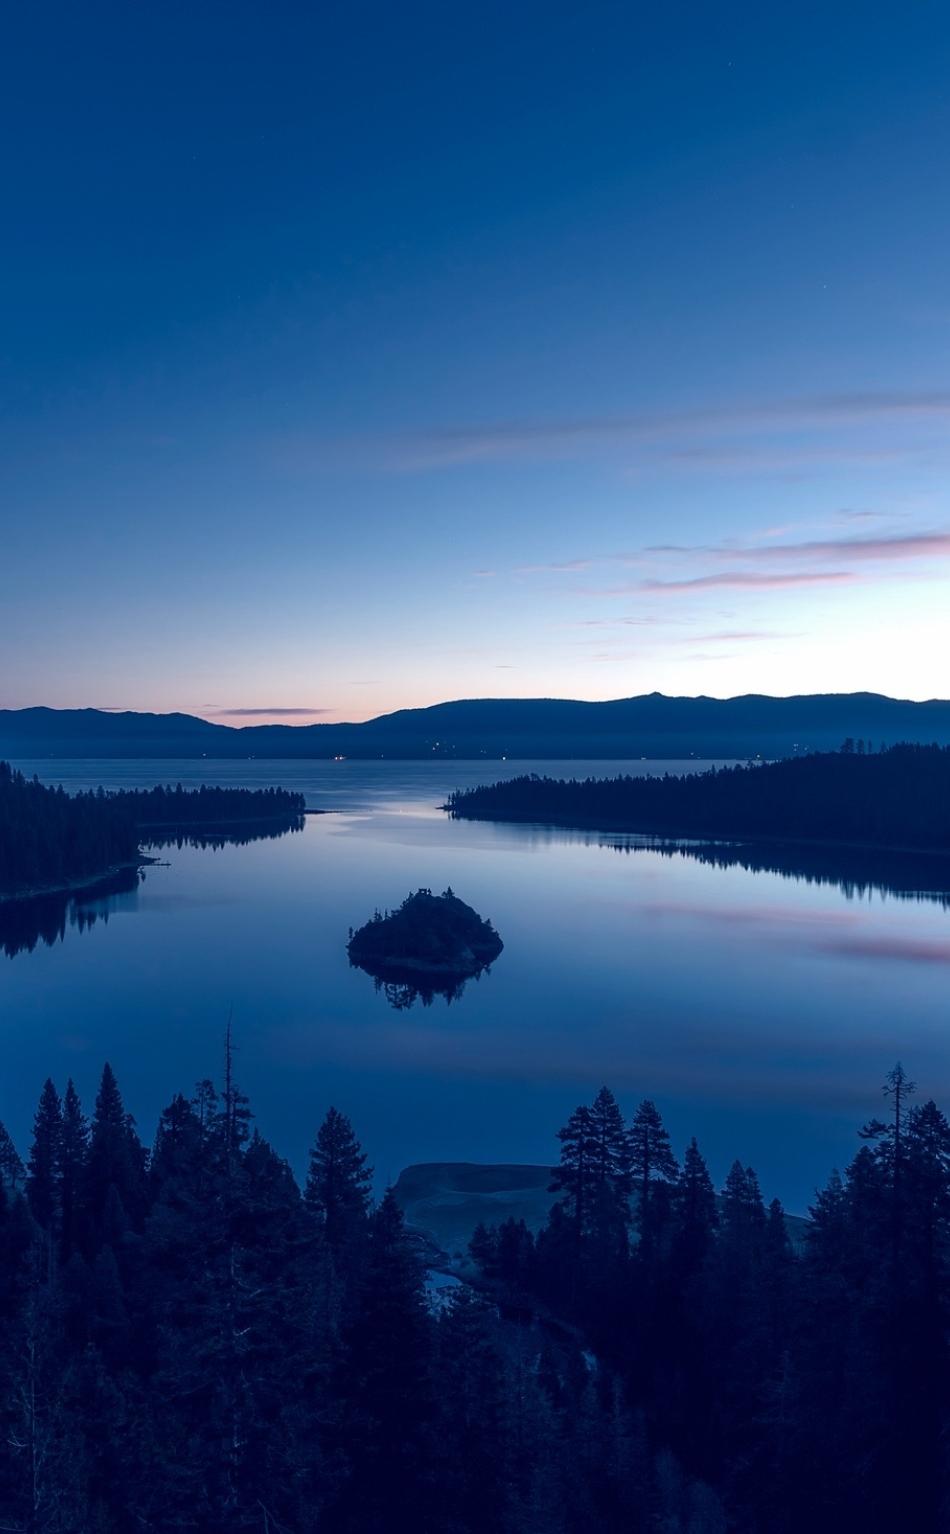 Lake Tahoe Wallpaper Lake Tahoe Summer Mountains Hd: Download California Lake Tahoe 5120x2880 Resolution, Full